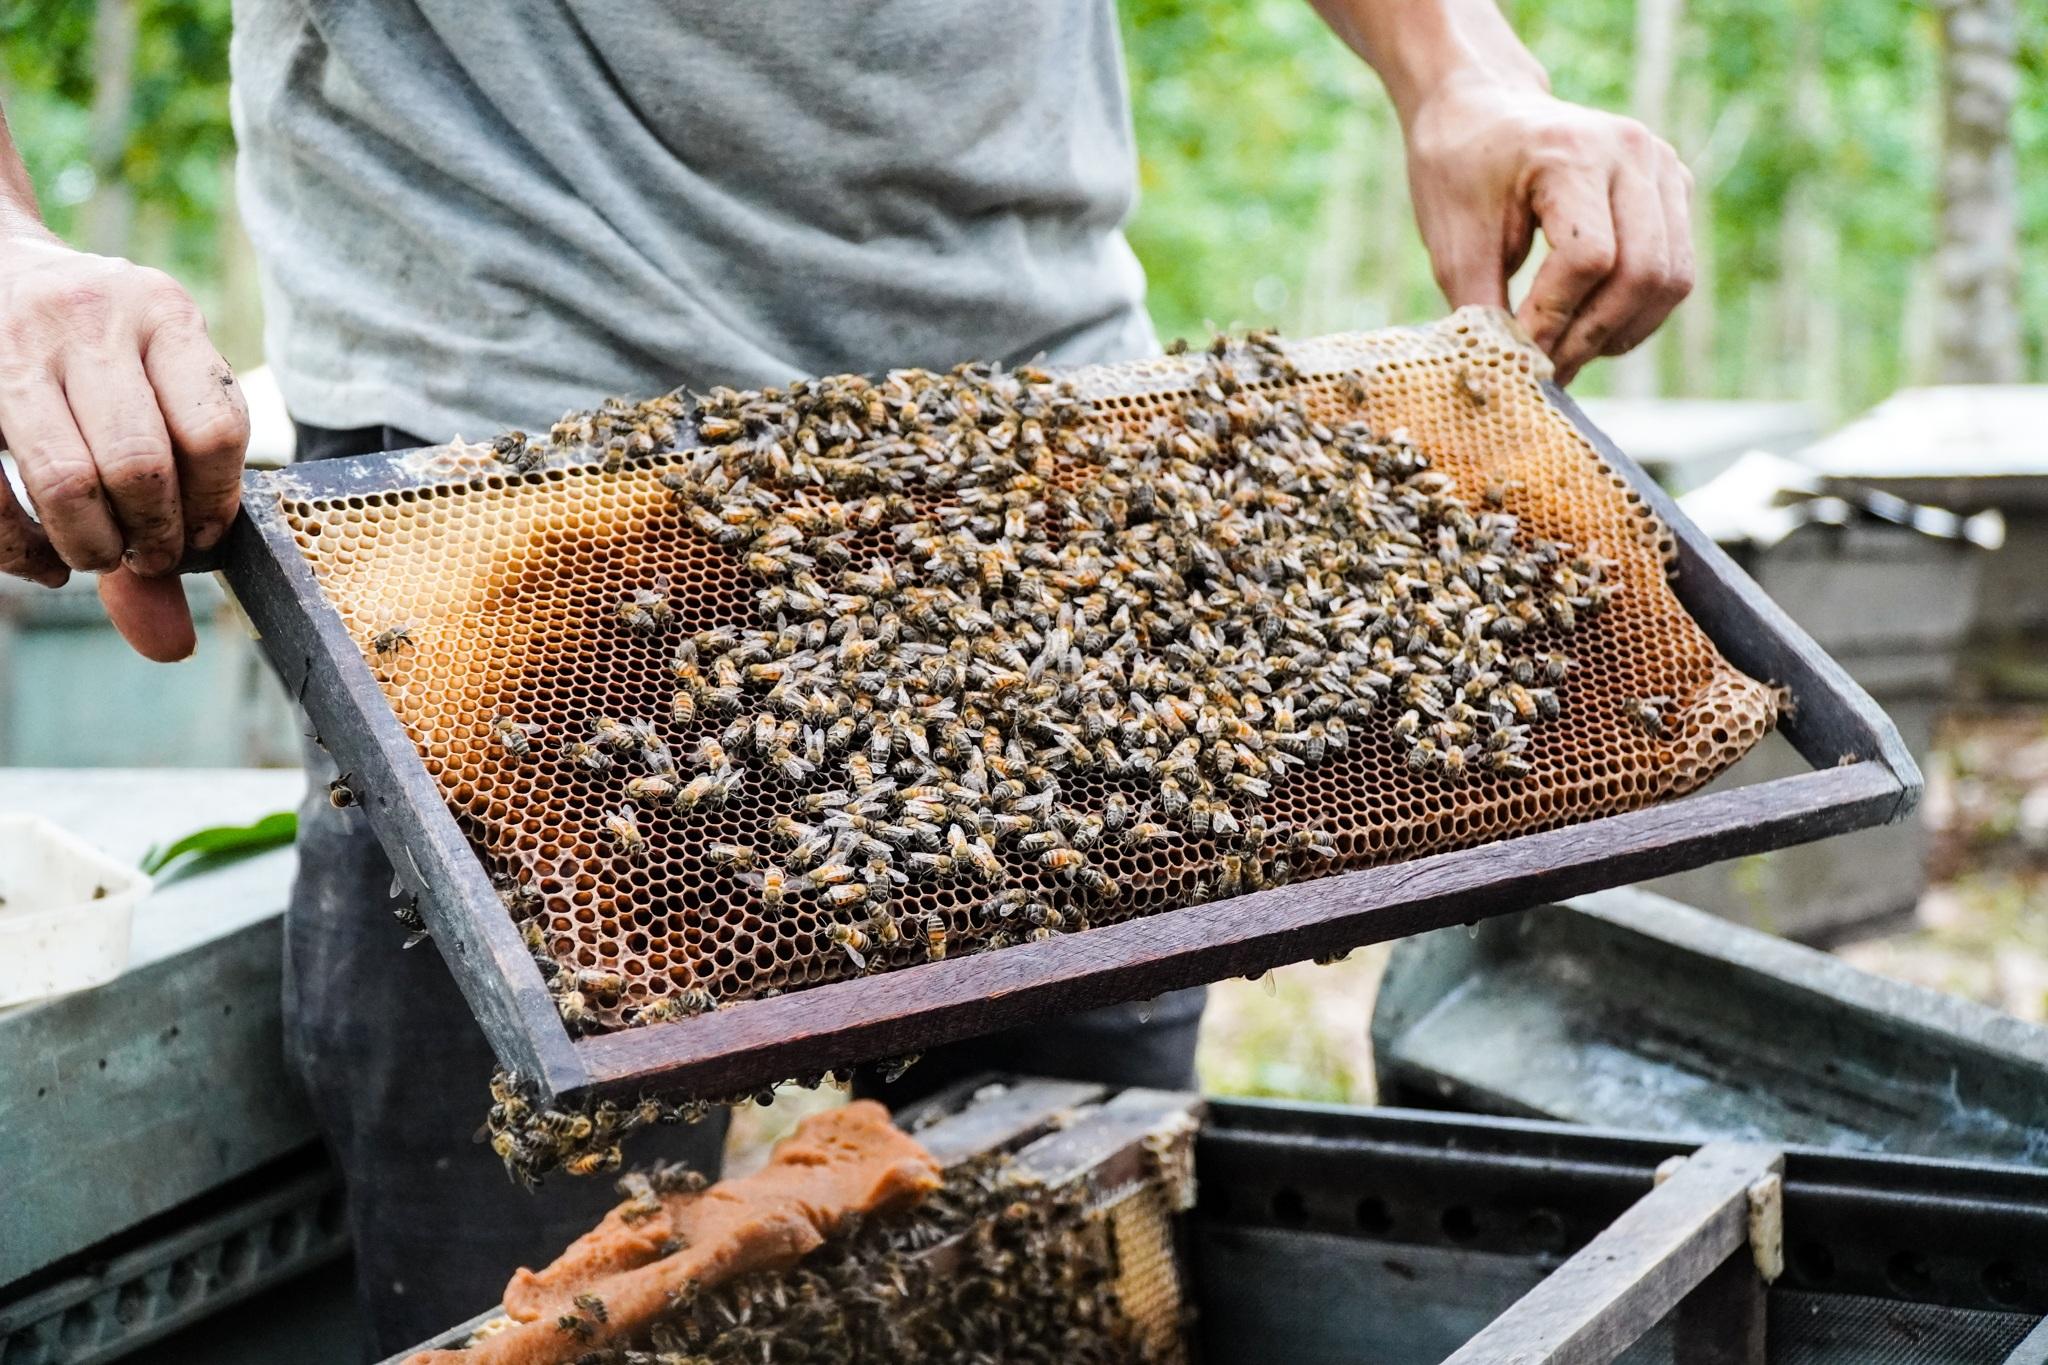 Nỗi khốn khổ của người nuôi ong sau bão lũ - 6